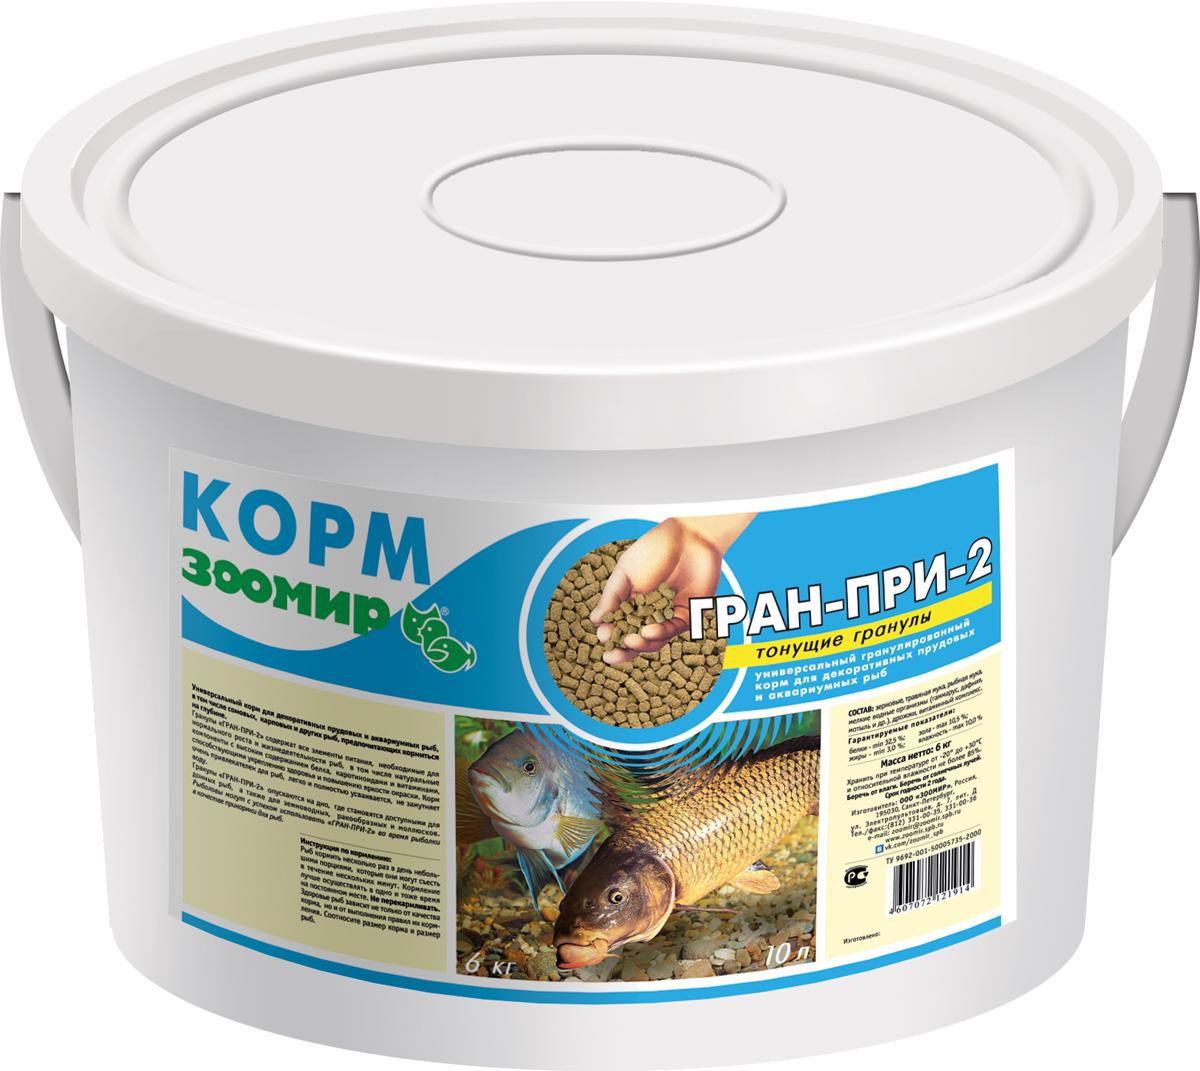 Корм для прудовых рыб Зоомир Гран-при 2, тонущие гранулы, 10 л0120710Универсальный корм для декоративных прудовых и аквариумных рыб, в том числе сомовых, карповых и других рыб, предпочитающих кормиться на глубине.Рыболовы могут с успехом использовать Гран-при 2 во время рыбалки в качестве прикормки для рыб.Гранулы Гран-при 2 содержат все элементы питания, необходимые для нормального роста и жизнедеятельности рыб, в том числе, натуральные компоненты с высоким содержанием белка, каротиноиды и витамины, способствующие укреплению здоровья и повышению яркости окраски.Благодаря тщательному подбору состава и использованию высоких технологий корм очень привлекателен для рыб, легко и полностью усваивается, не замутняет воду.Гранулы Гран-при 2 опускаются на дно, где становятся доступными для донных рыб, а также для земноводных, ракообразных и моллюсков.Состав: зерновые, травяная мука, рыбная мука, мелкие водные организмы (гаммарус, дафния, мотыль и другие), дрожжи, витаминный комплекс. Товар сертифицирован.